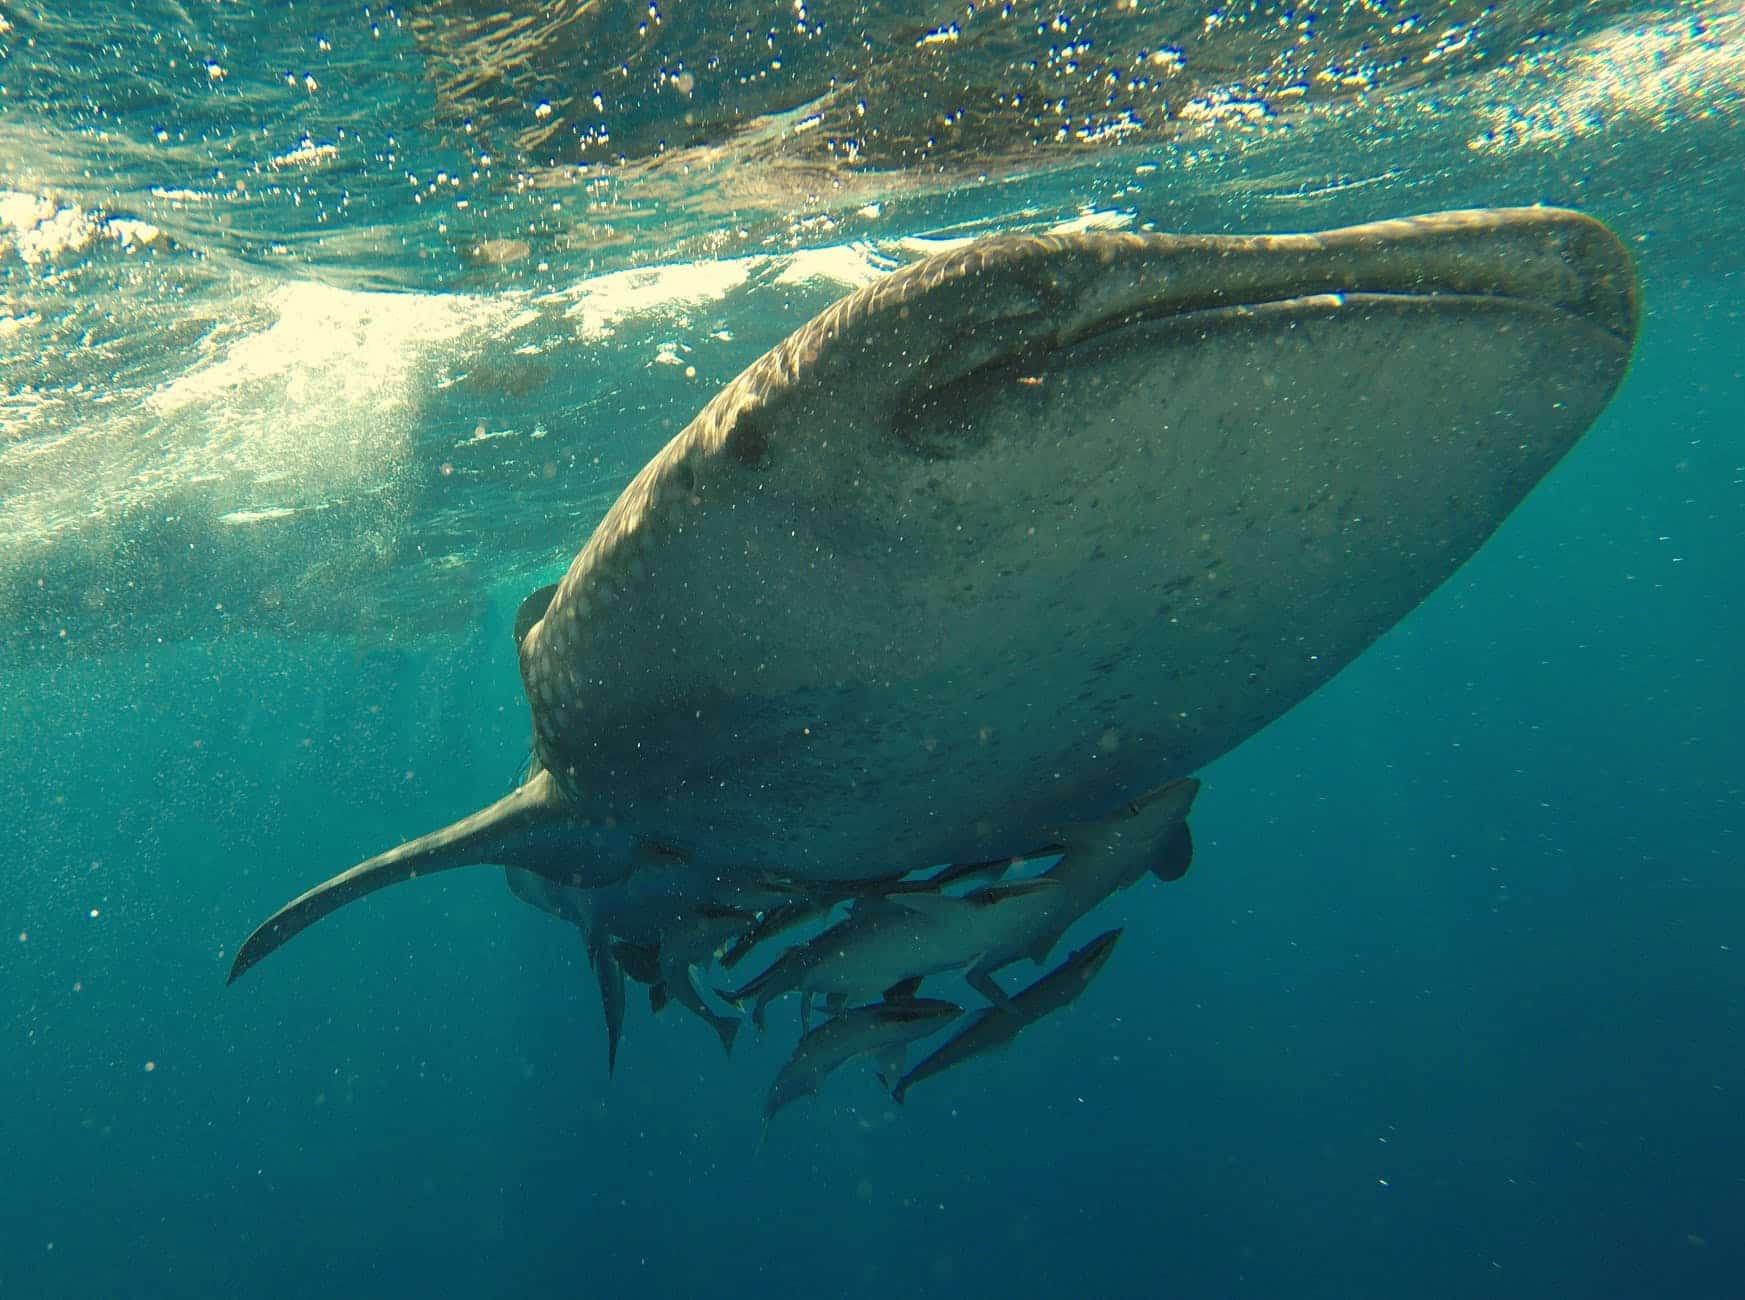 Ein Riese in den Meeren: der Walhai. Foto: Pexels